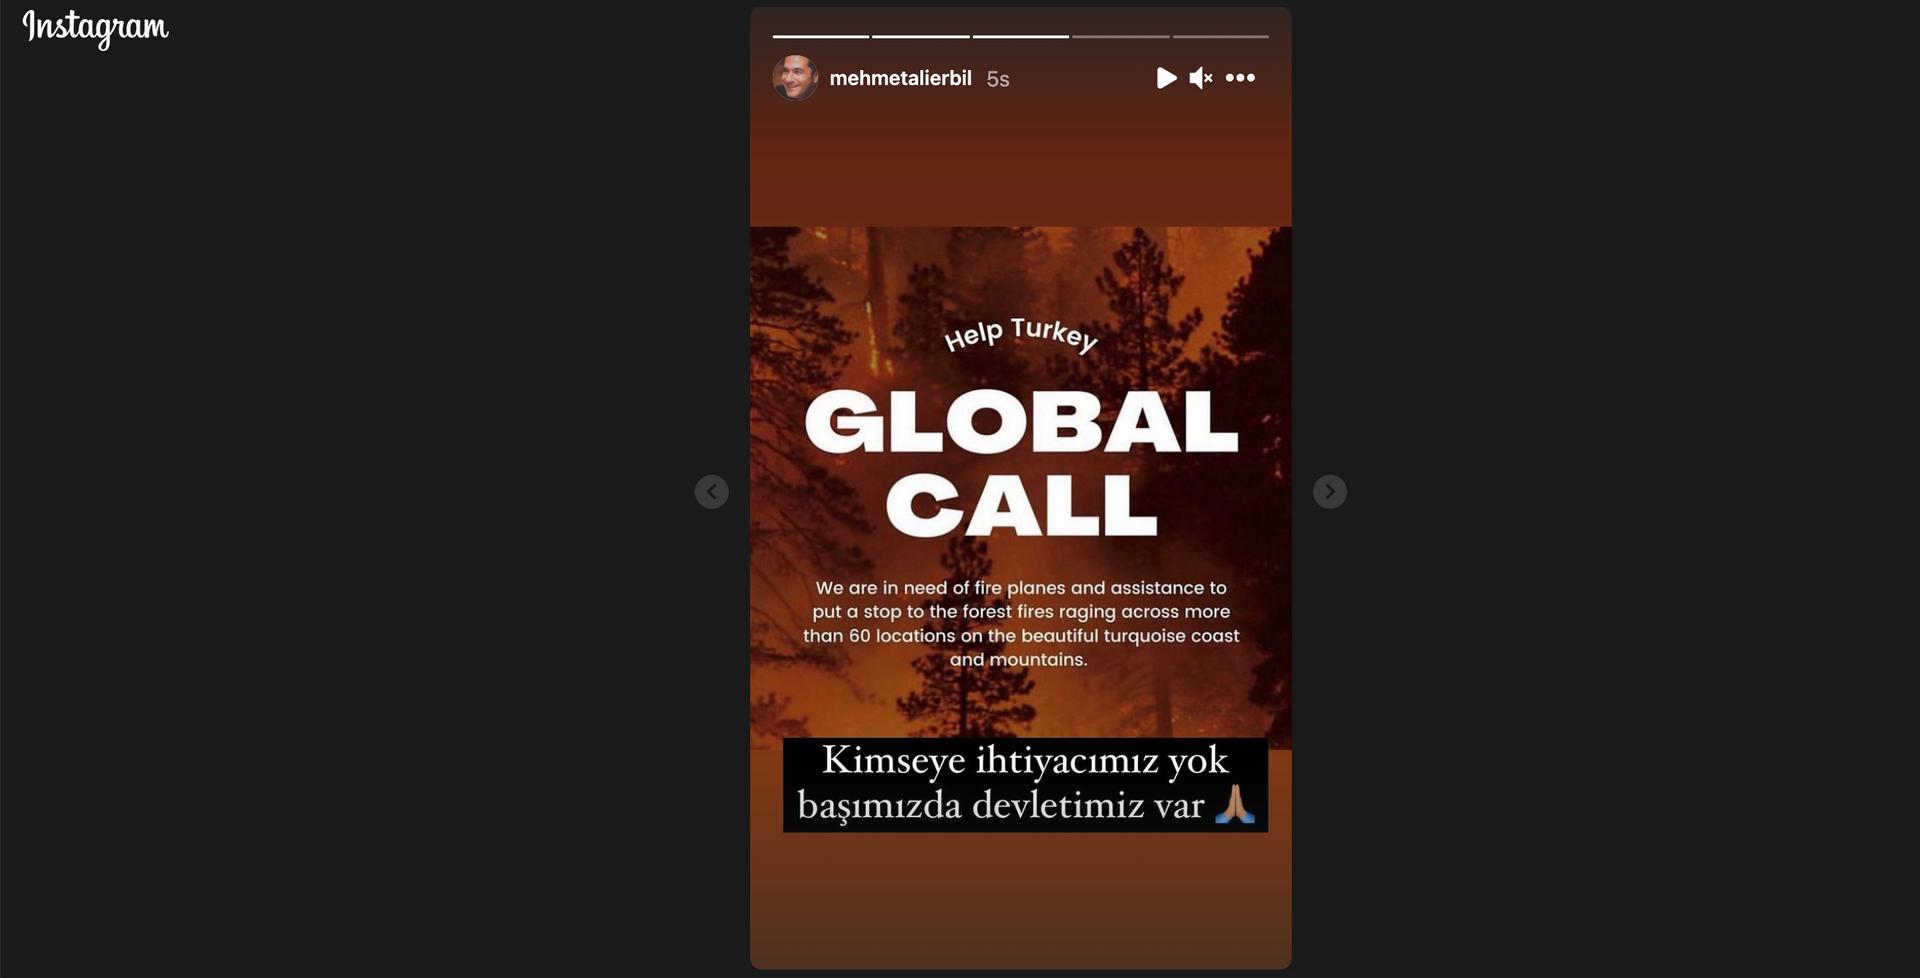 Şovmen Mehmet Ali Erbil, Instagram hesabından 'Help Turkey' paylaşımlarına ilişkin olarak açıklamada bulundu - Sputnik Türkiye, 1920, 10.08.2021